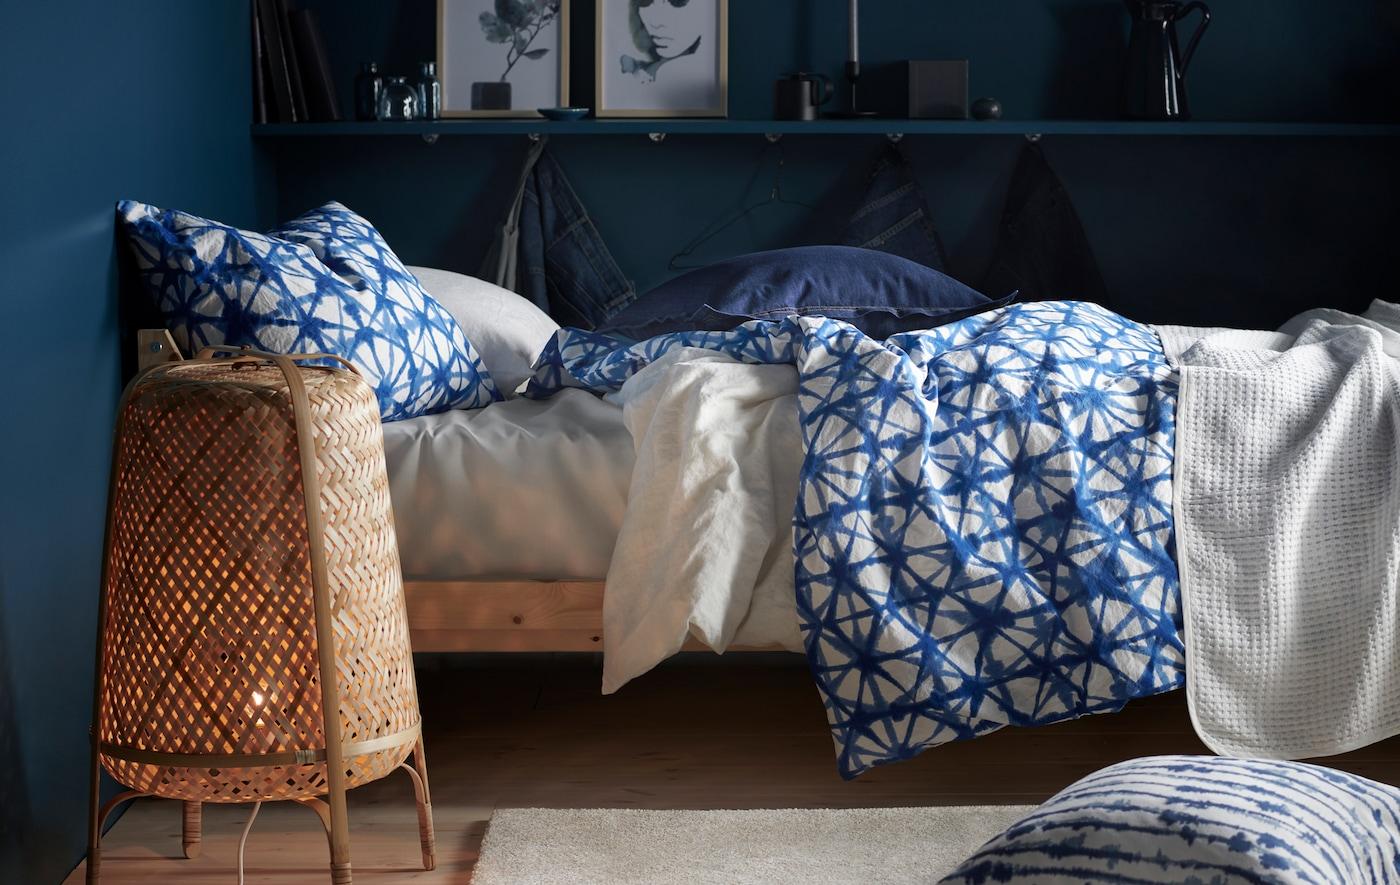 Ein Bett mit STJÄRNFLOCKA Bettwäsche-Set in Weiß/Blau in einem Schlafzimmer mit blauen Wänden und einer Standleuchte aus Bambus